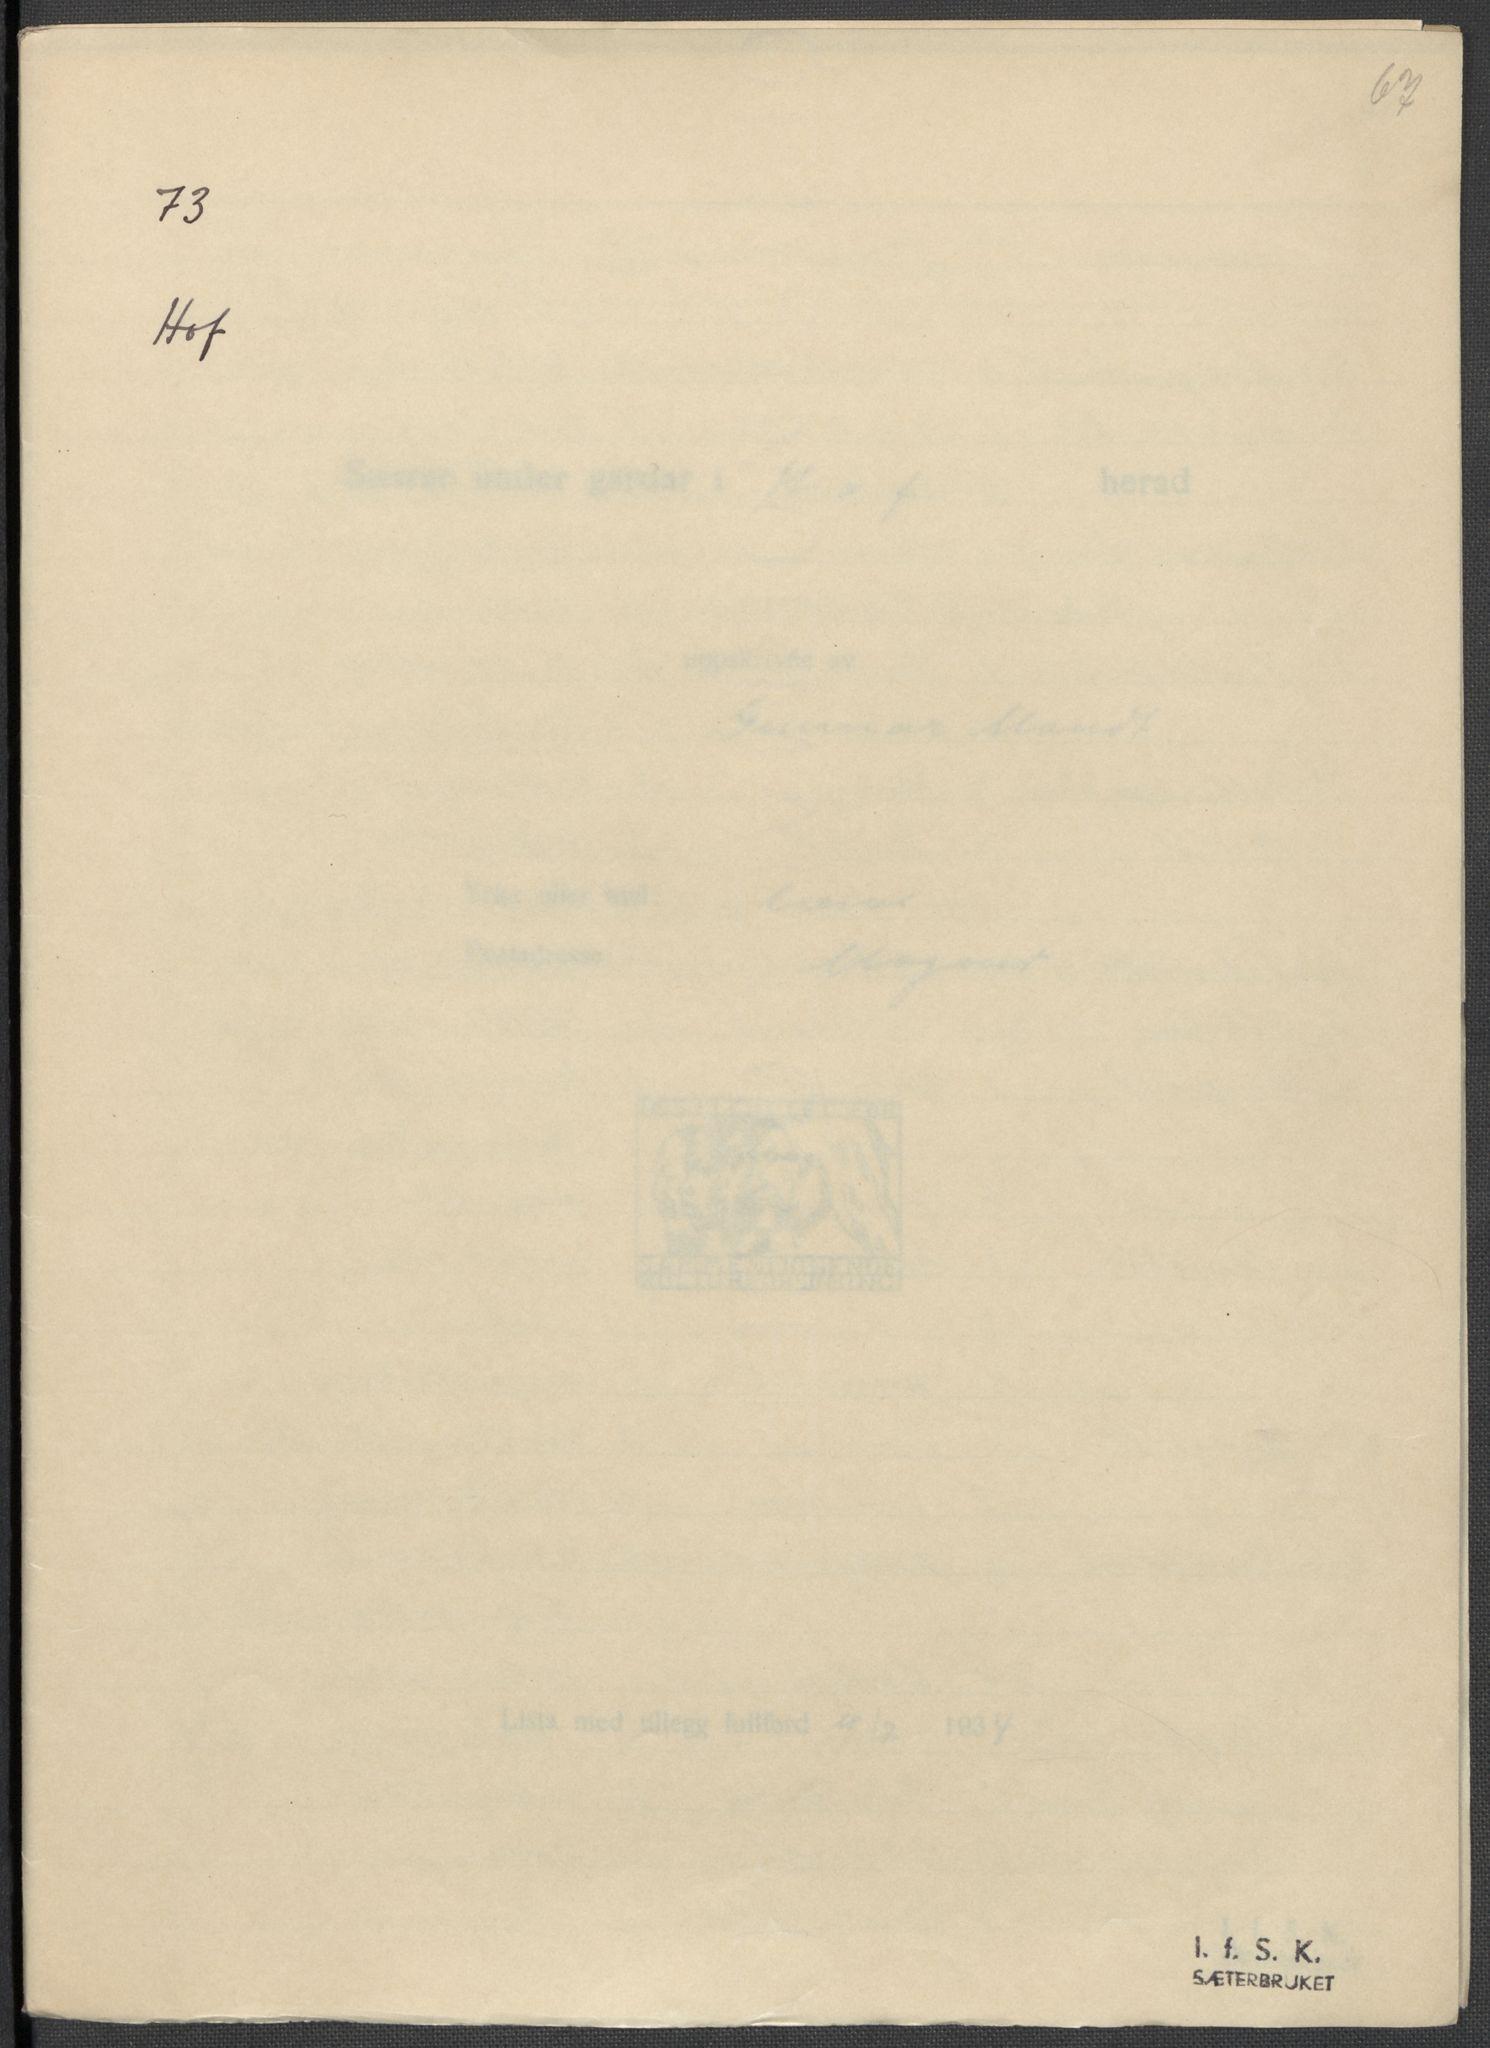 RA, Instituttet for sammenlignende kulturforskning, F/Fc/L0003: Eske B3:, 1934-1935, s. 67